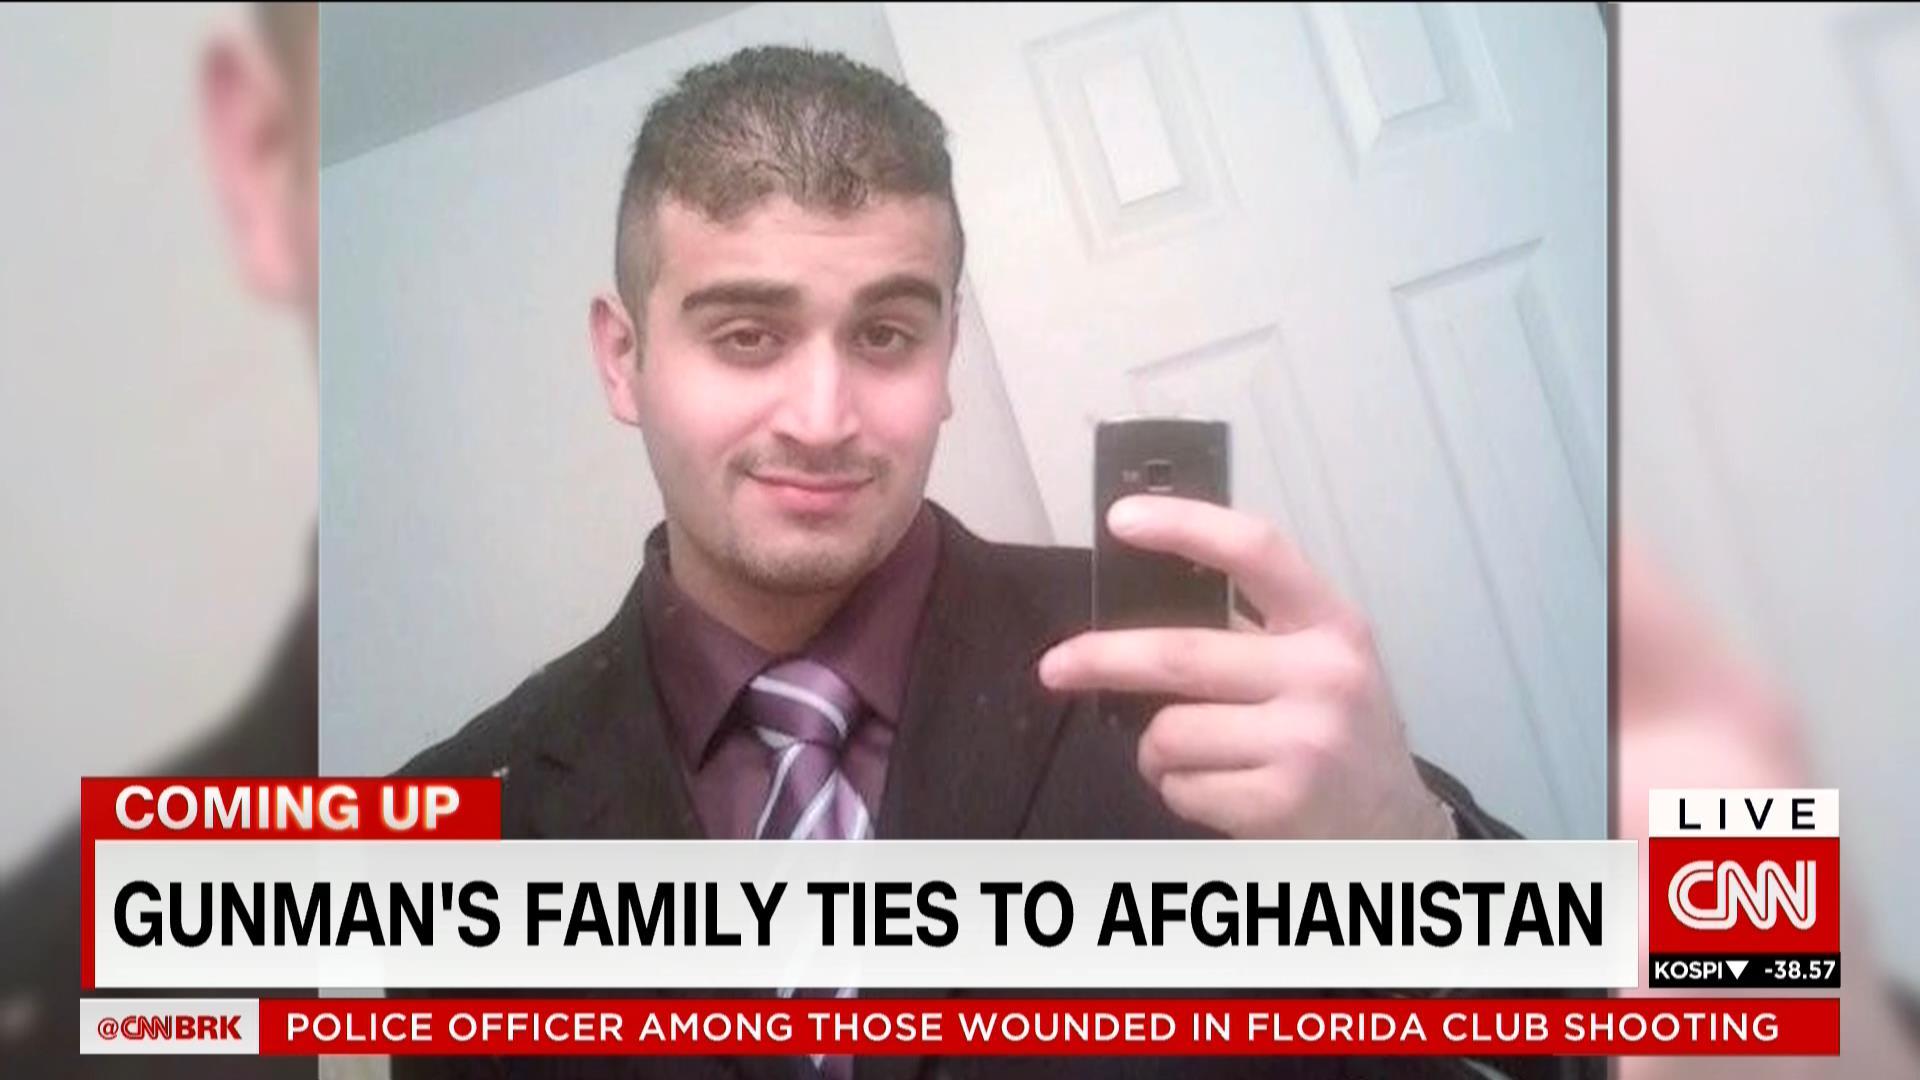 الشرطة الأمريكية تكشف الموقع والطريقة التي قتل فيها عمر متين منفذ الهجوم على ناد للمثليين بأورلاندو